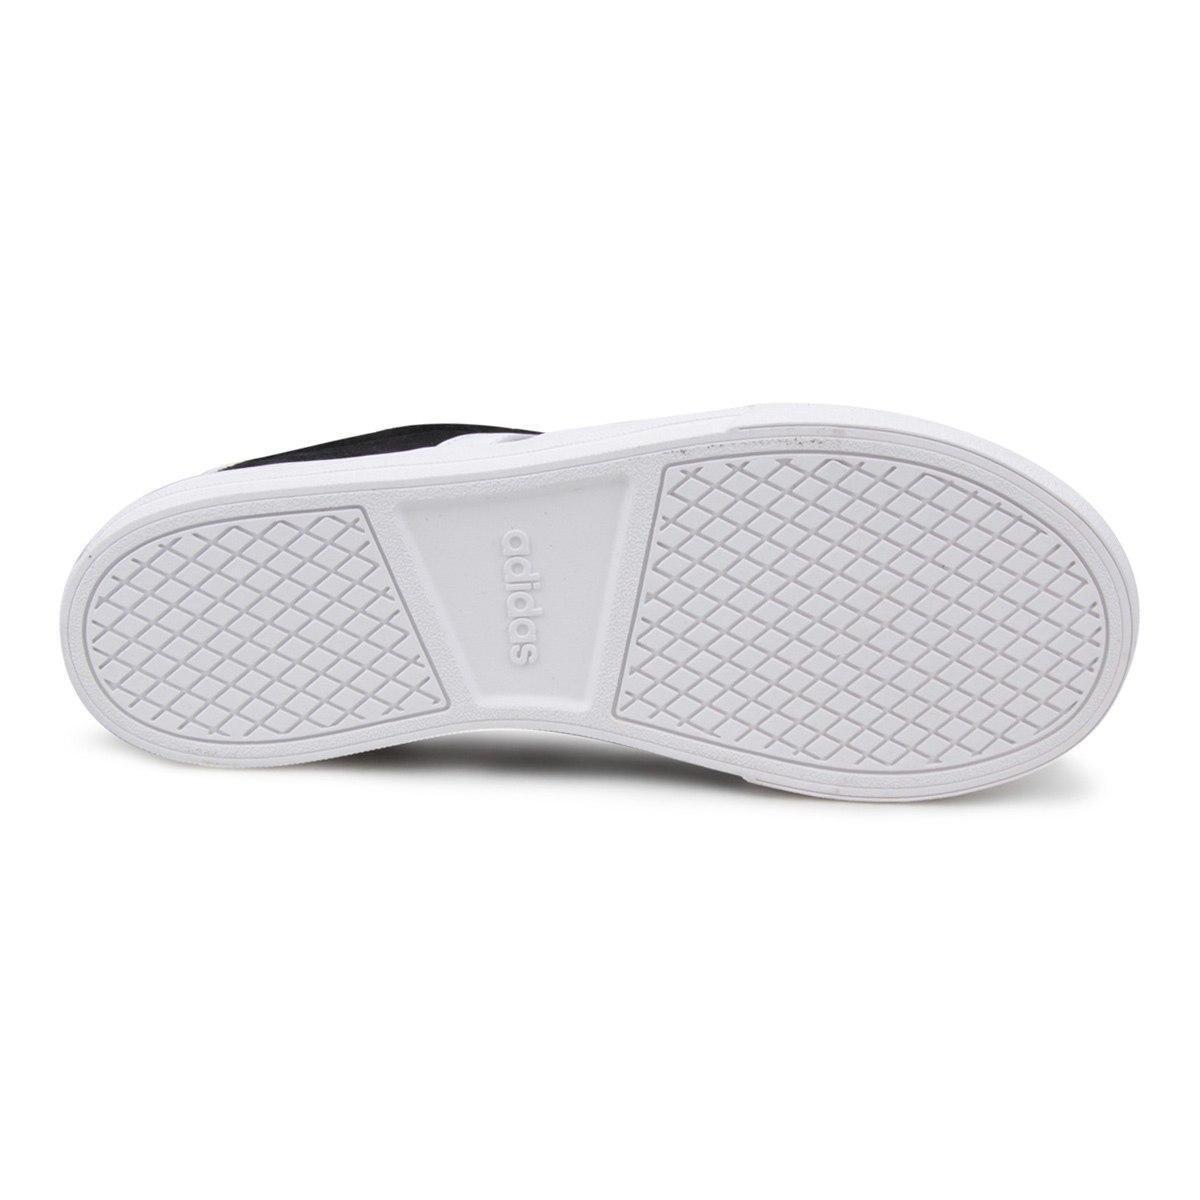 ea5b65a919b Tênis Infantil Adidas Daily 2 K - Compre Agora